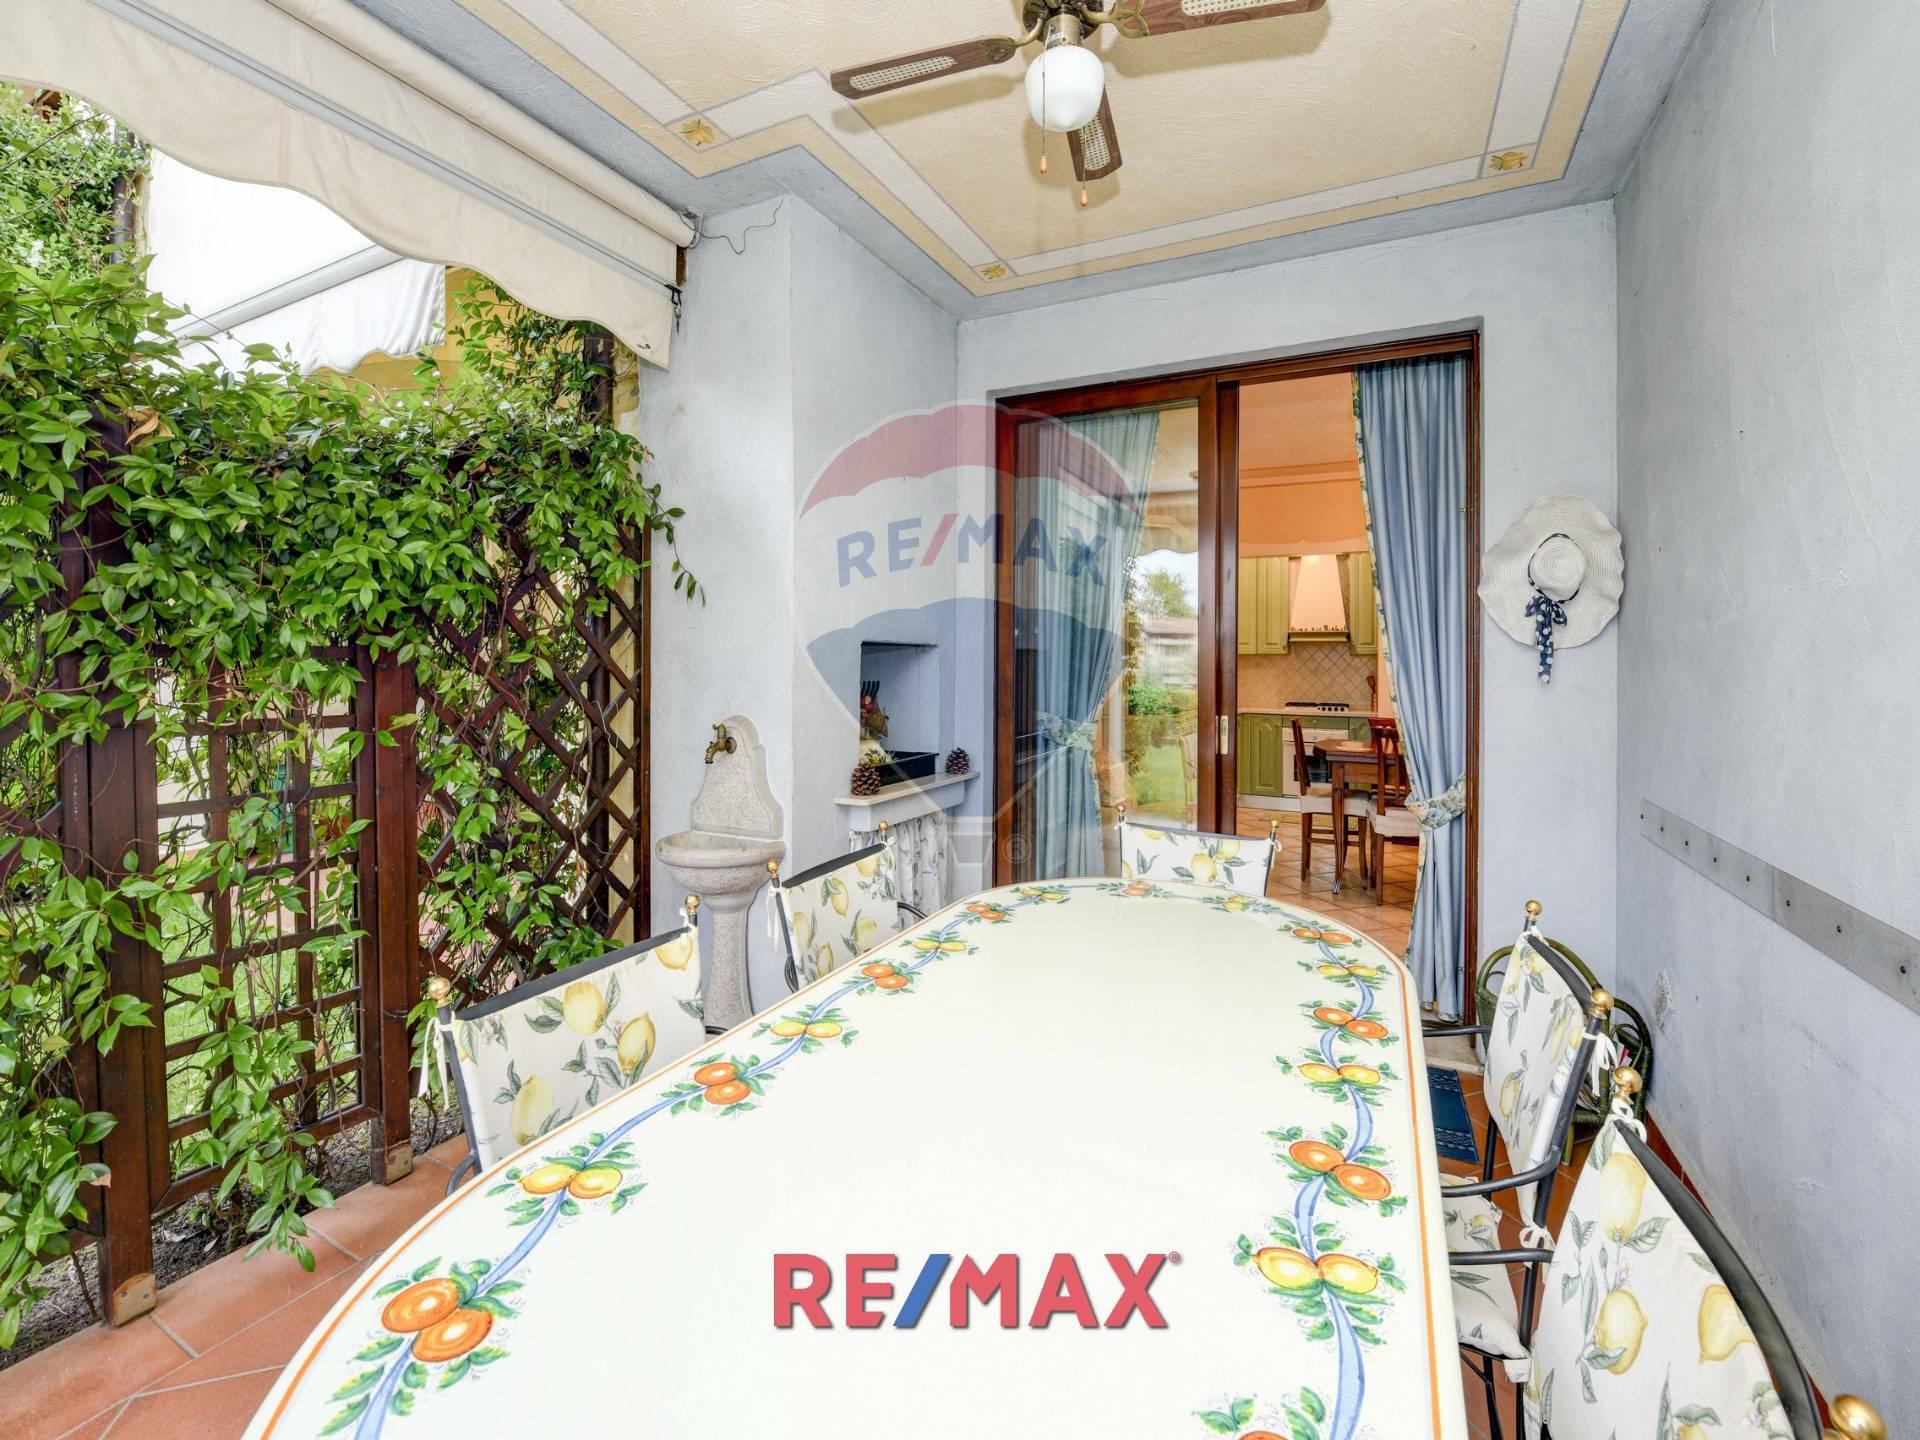 Appartamento in vendita a Peschiera del Garda, 3 locali, zona Località: SanBenedettodiLugana, prezzo € 320.000   PortaleAgenzieImmobiliari.it